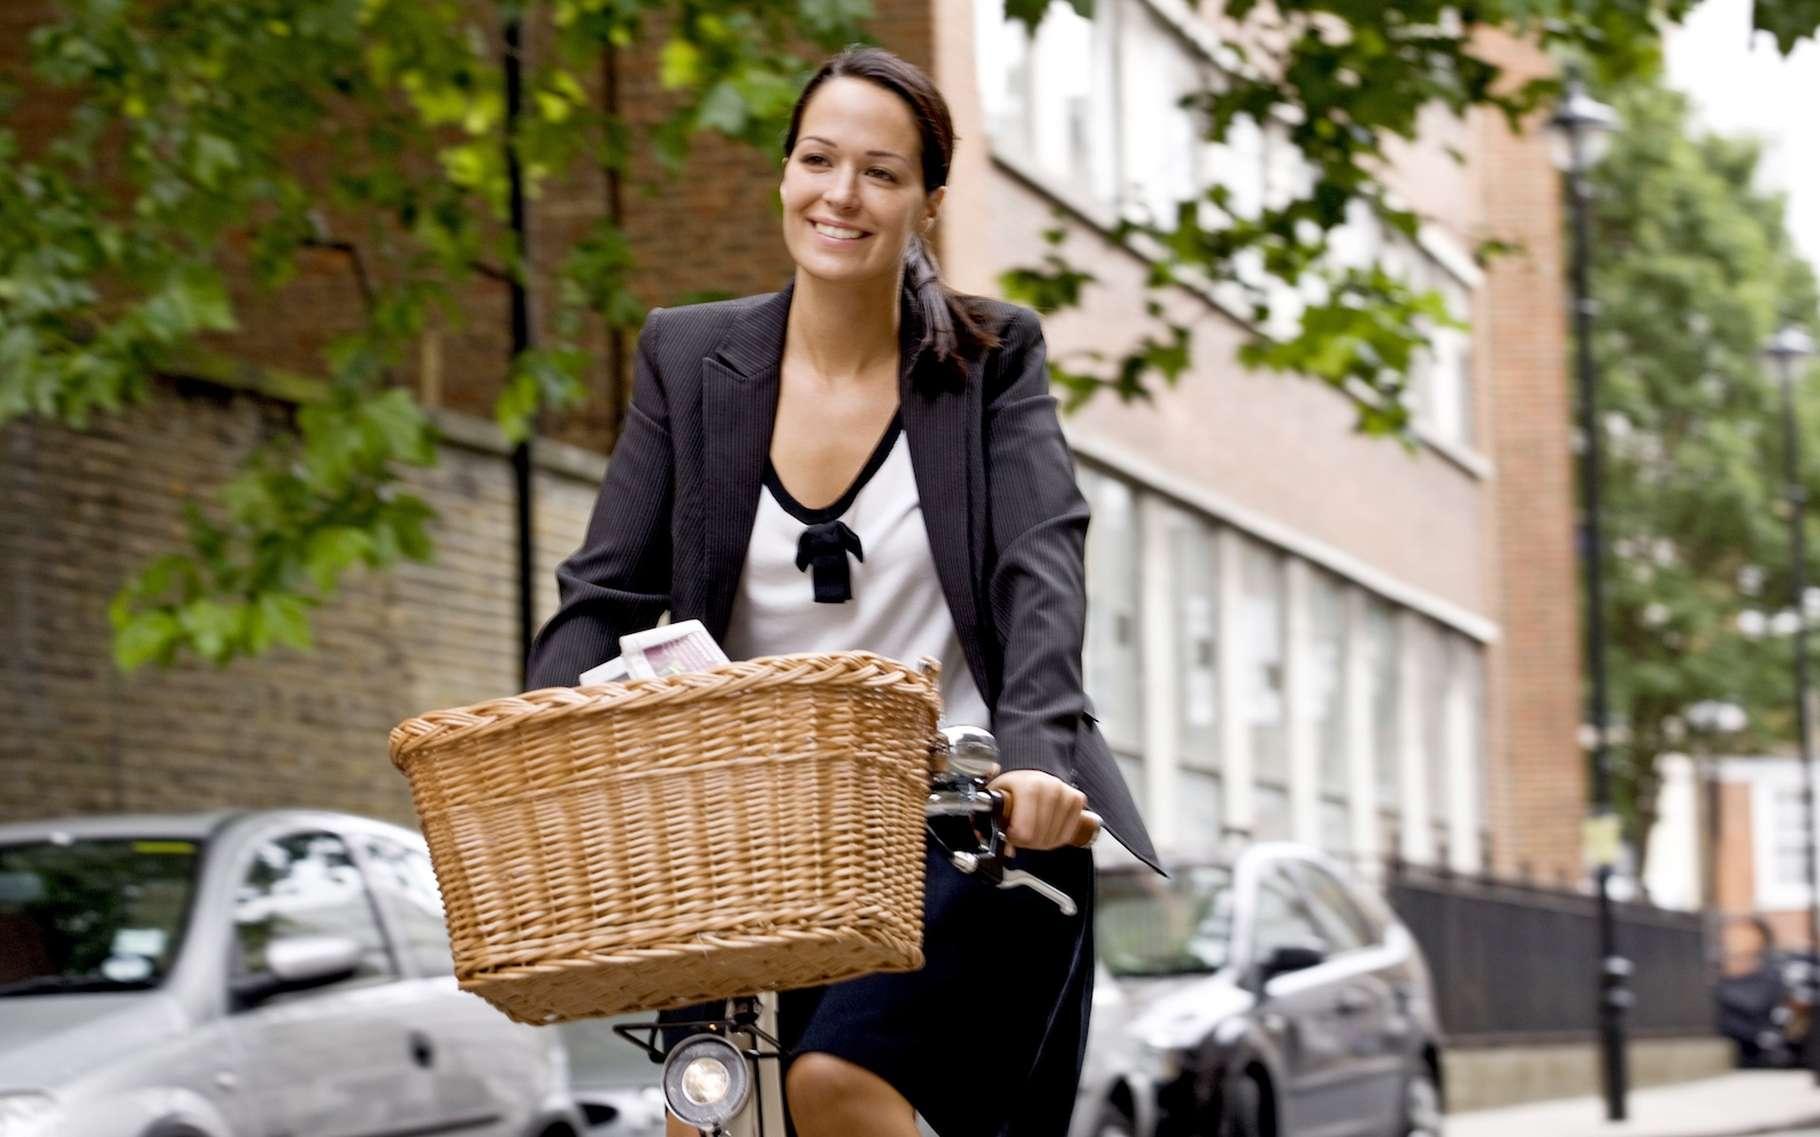 Mieux vaut, quand c'est possible, aller à son travail en vélo qu'en voiture ou en empruntant les transports en commun. © Air Images, shutterstock